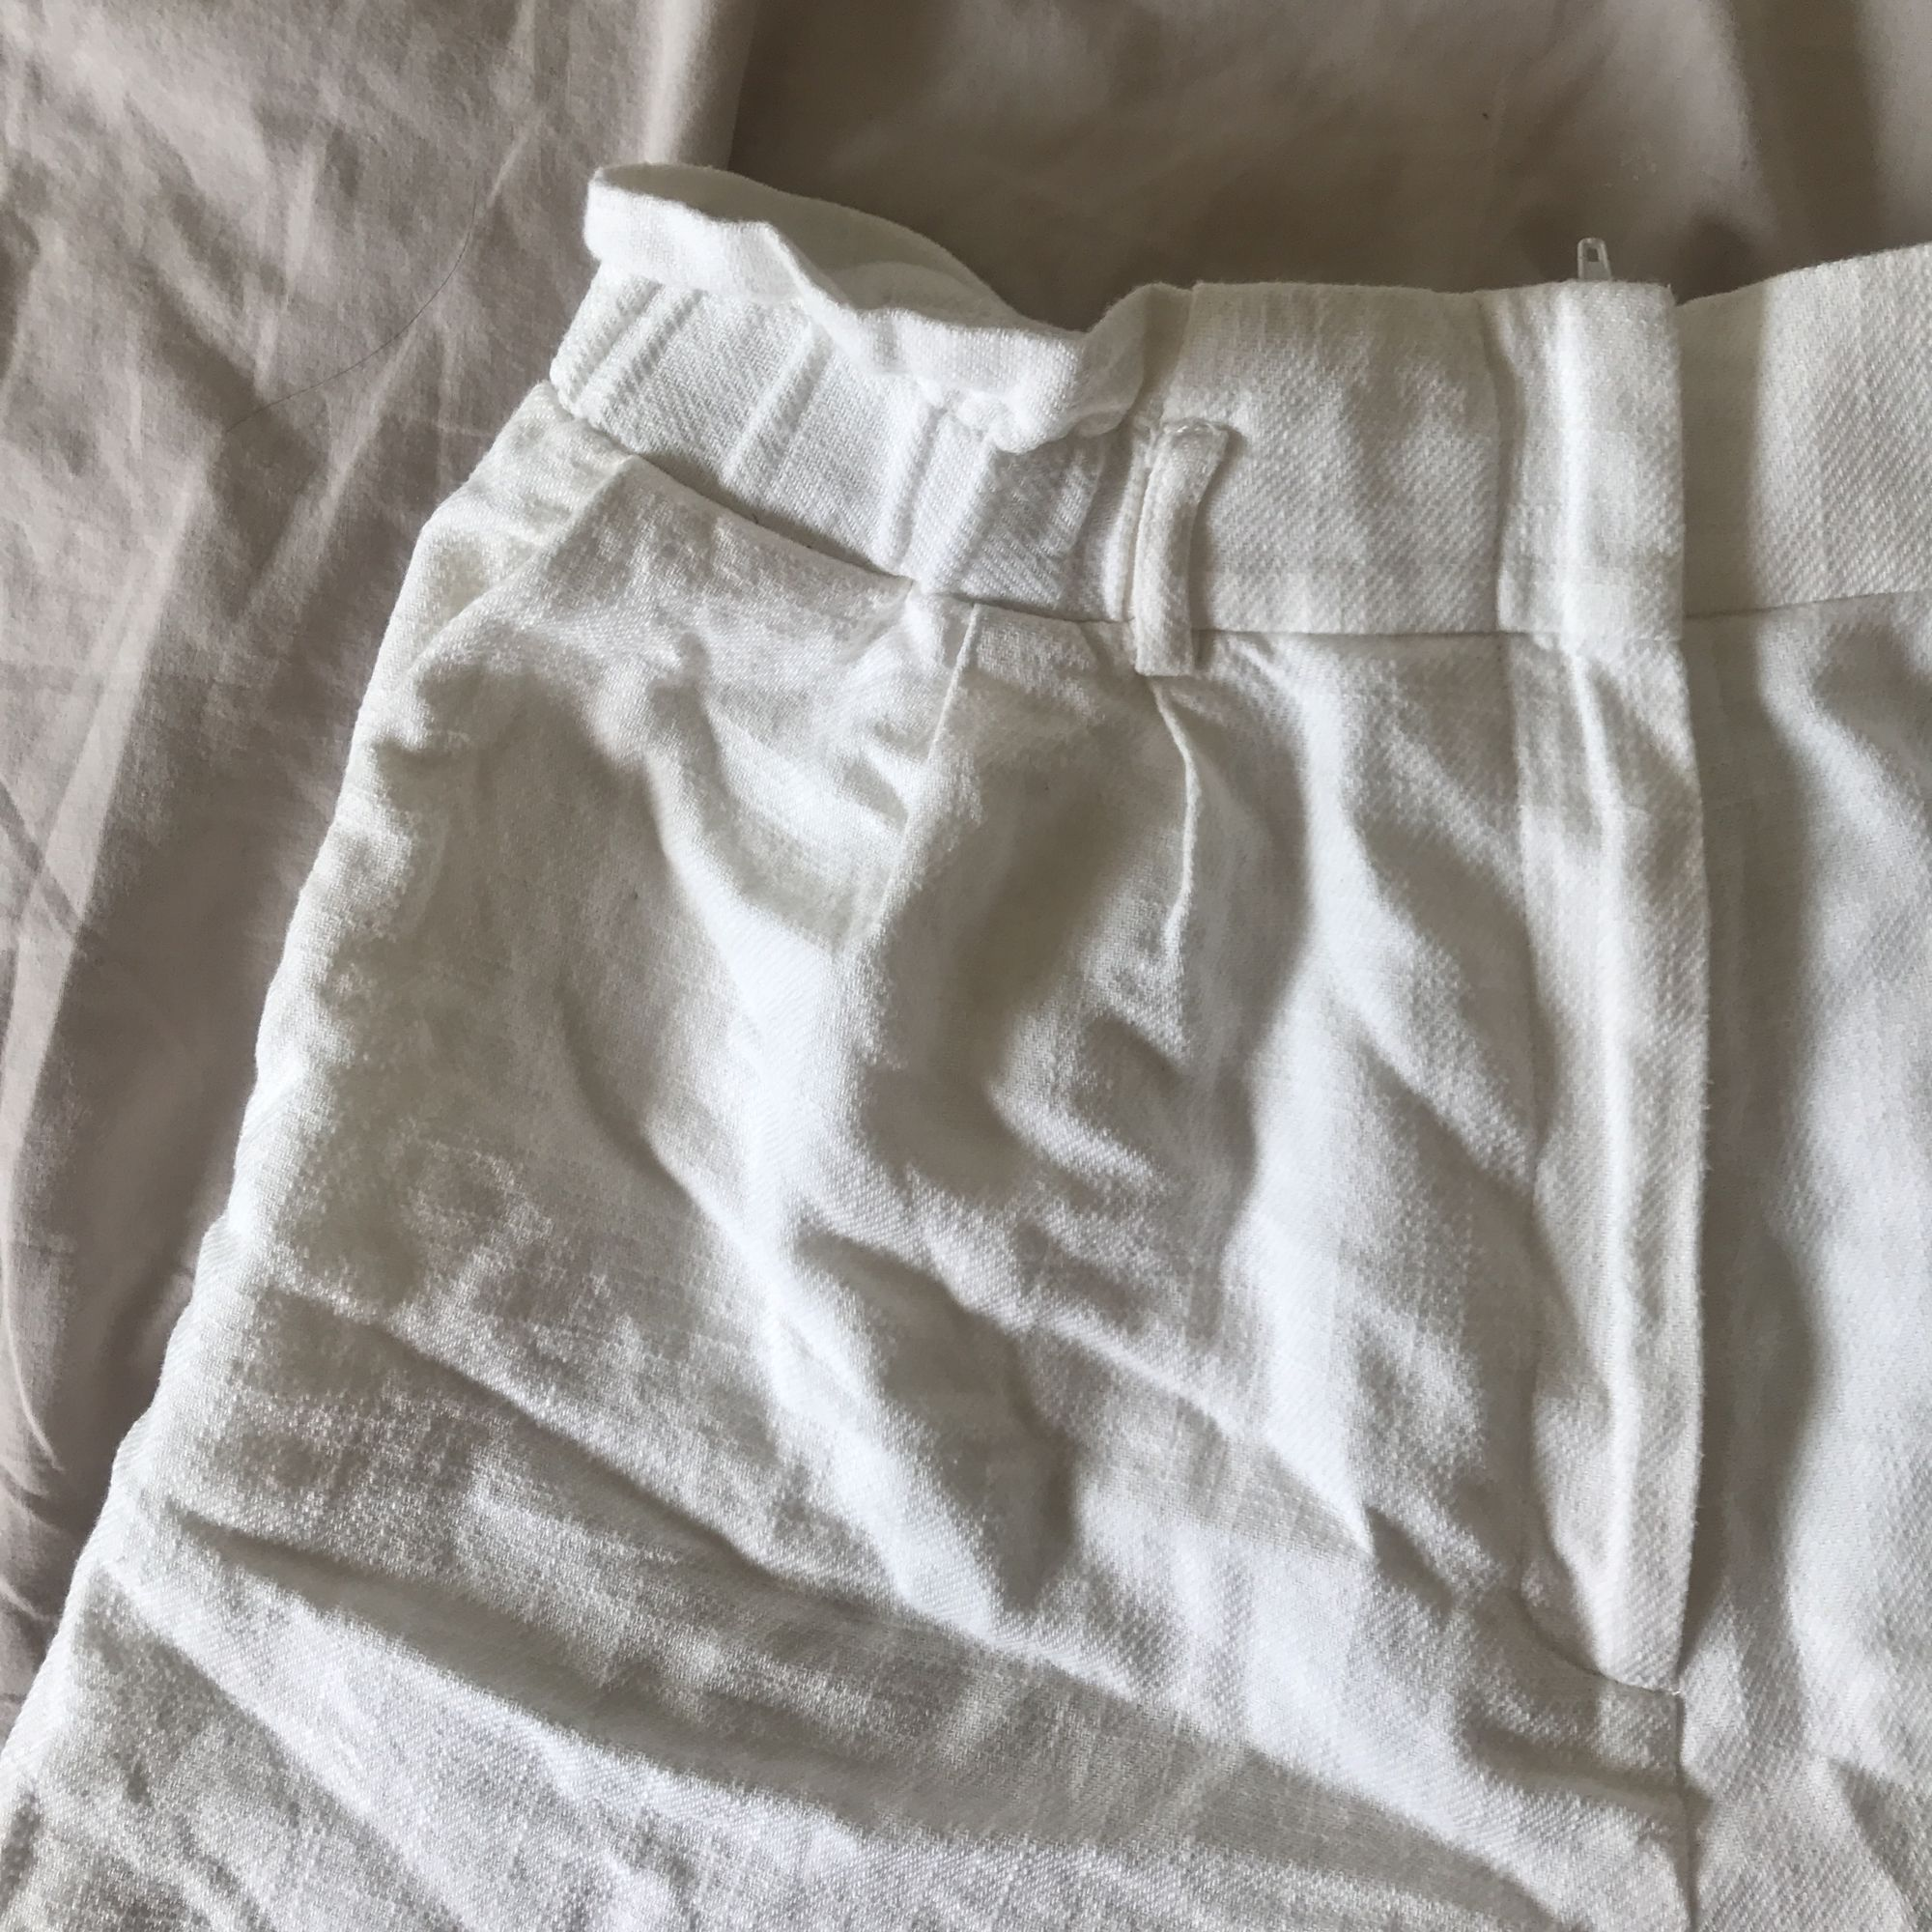 Linne shorts lite noppriga i grenen men inget som syns. Frakt 39kr. Shorts.